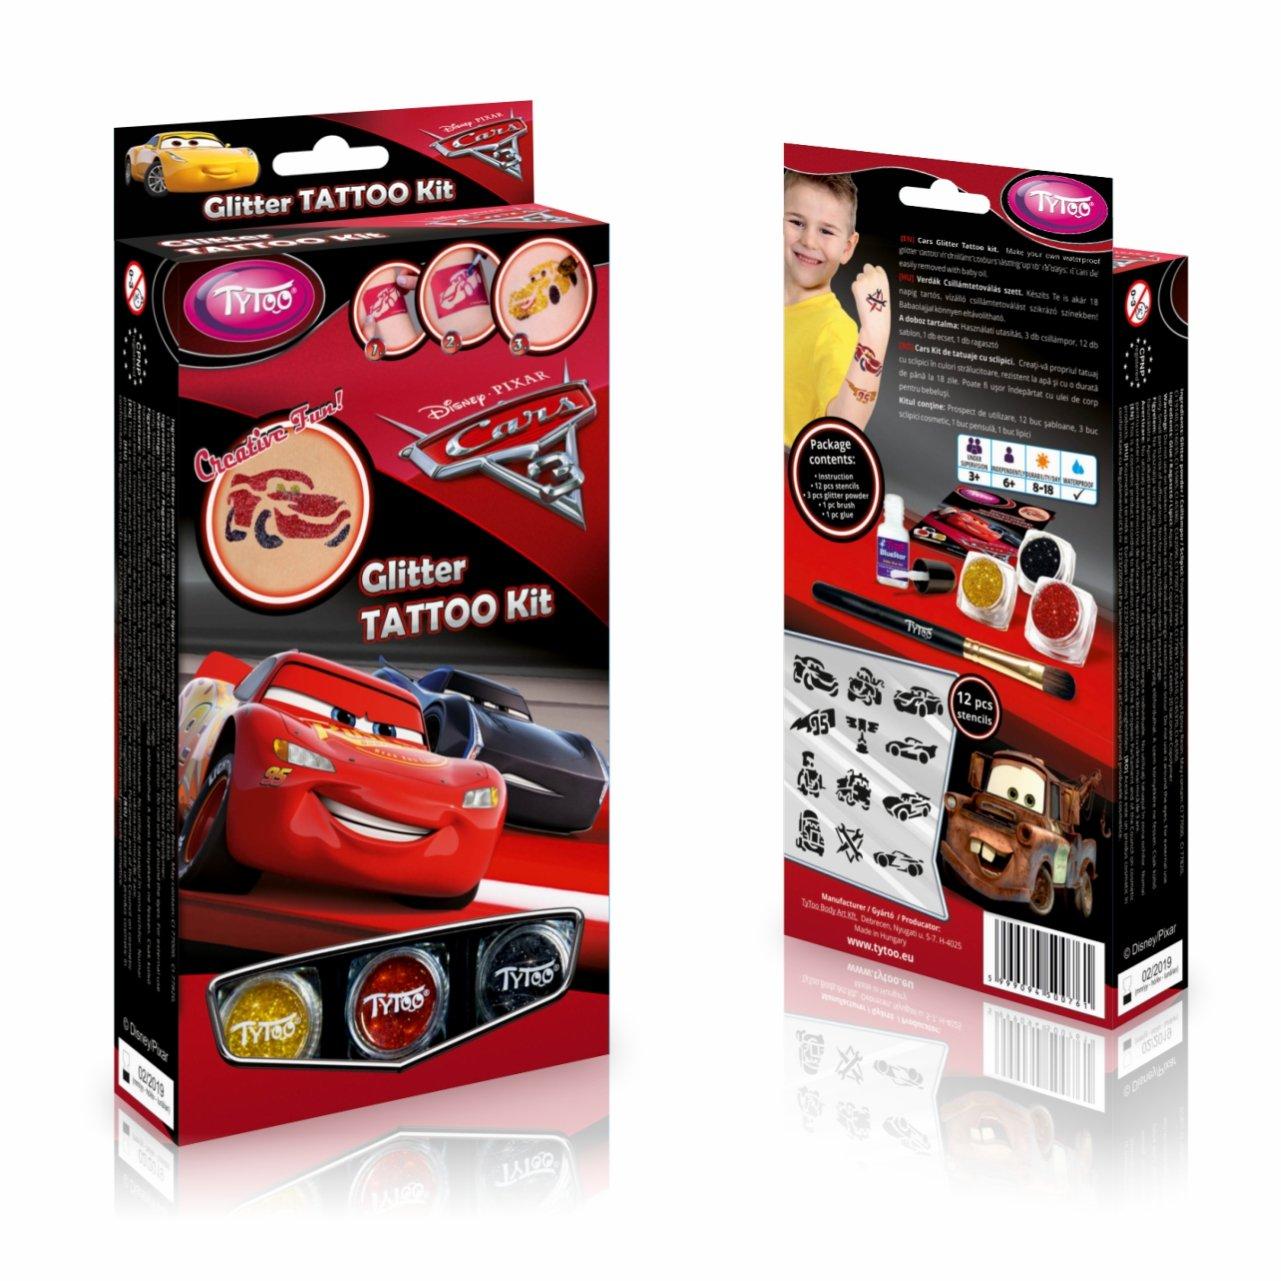 Disney Cars 3 Kit Tatuaggi Glitterati: Tatuaggi temporanei per Bambini e Adolescenti con 12 Glitter e Stencil TyToo